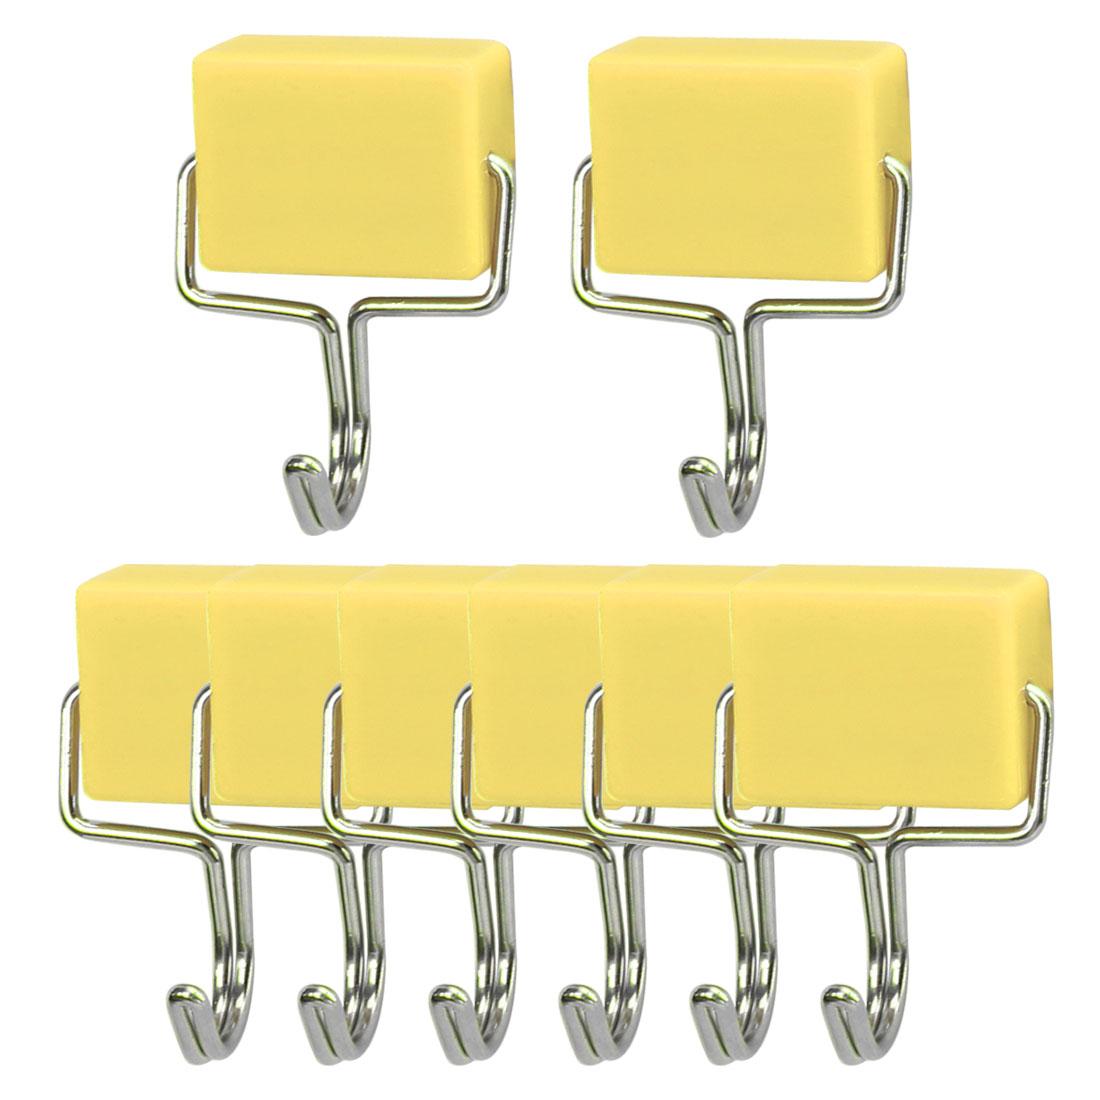 8pcs Magnetic Hook Stainless Steel Wall Hooks Hanger for Coat Hat Holder Yellow